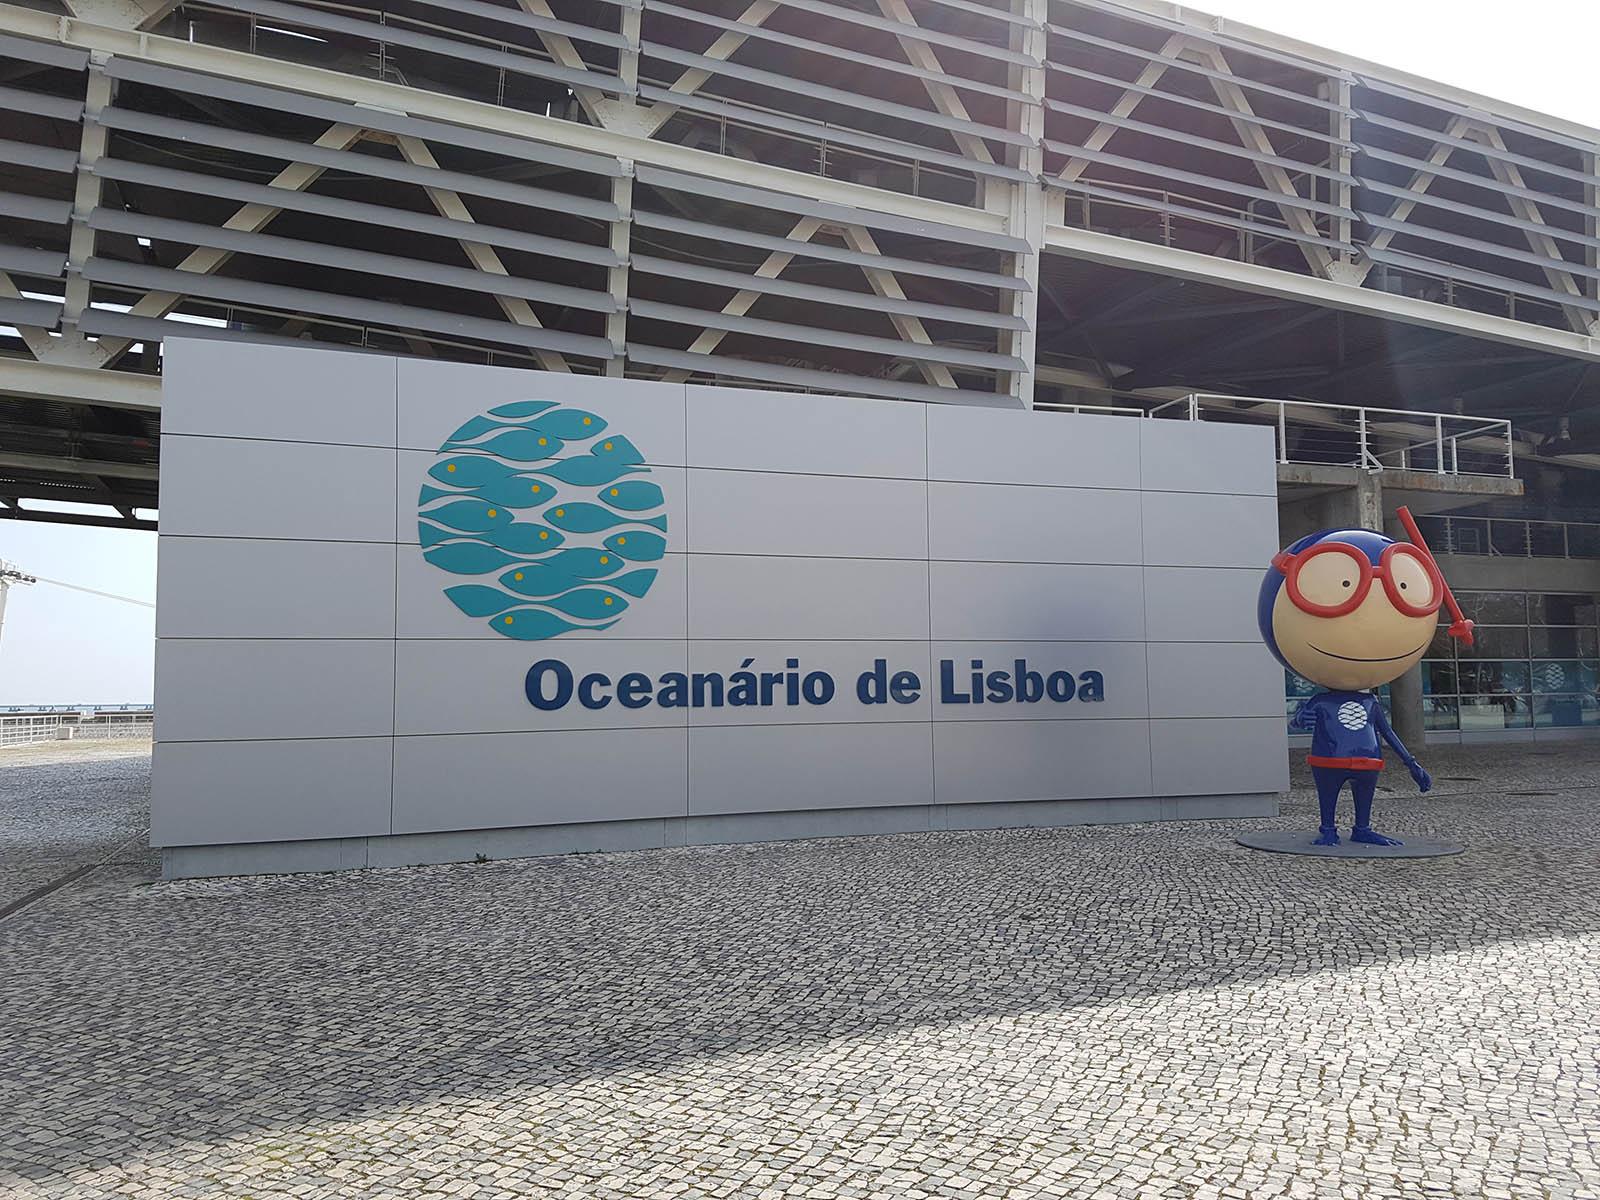 La mascotte de l'Oceanarium de Lisbonne